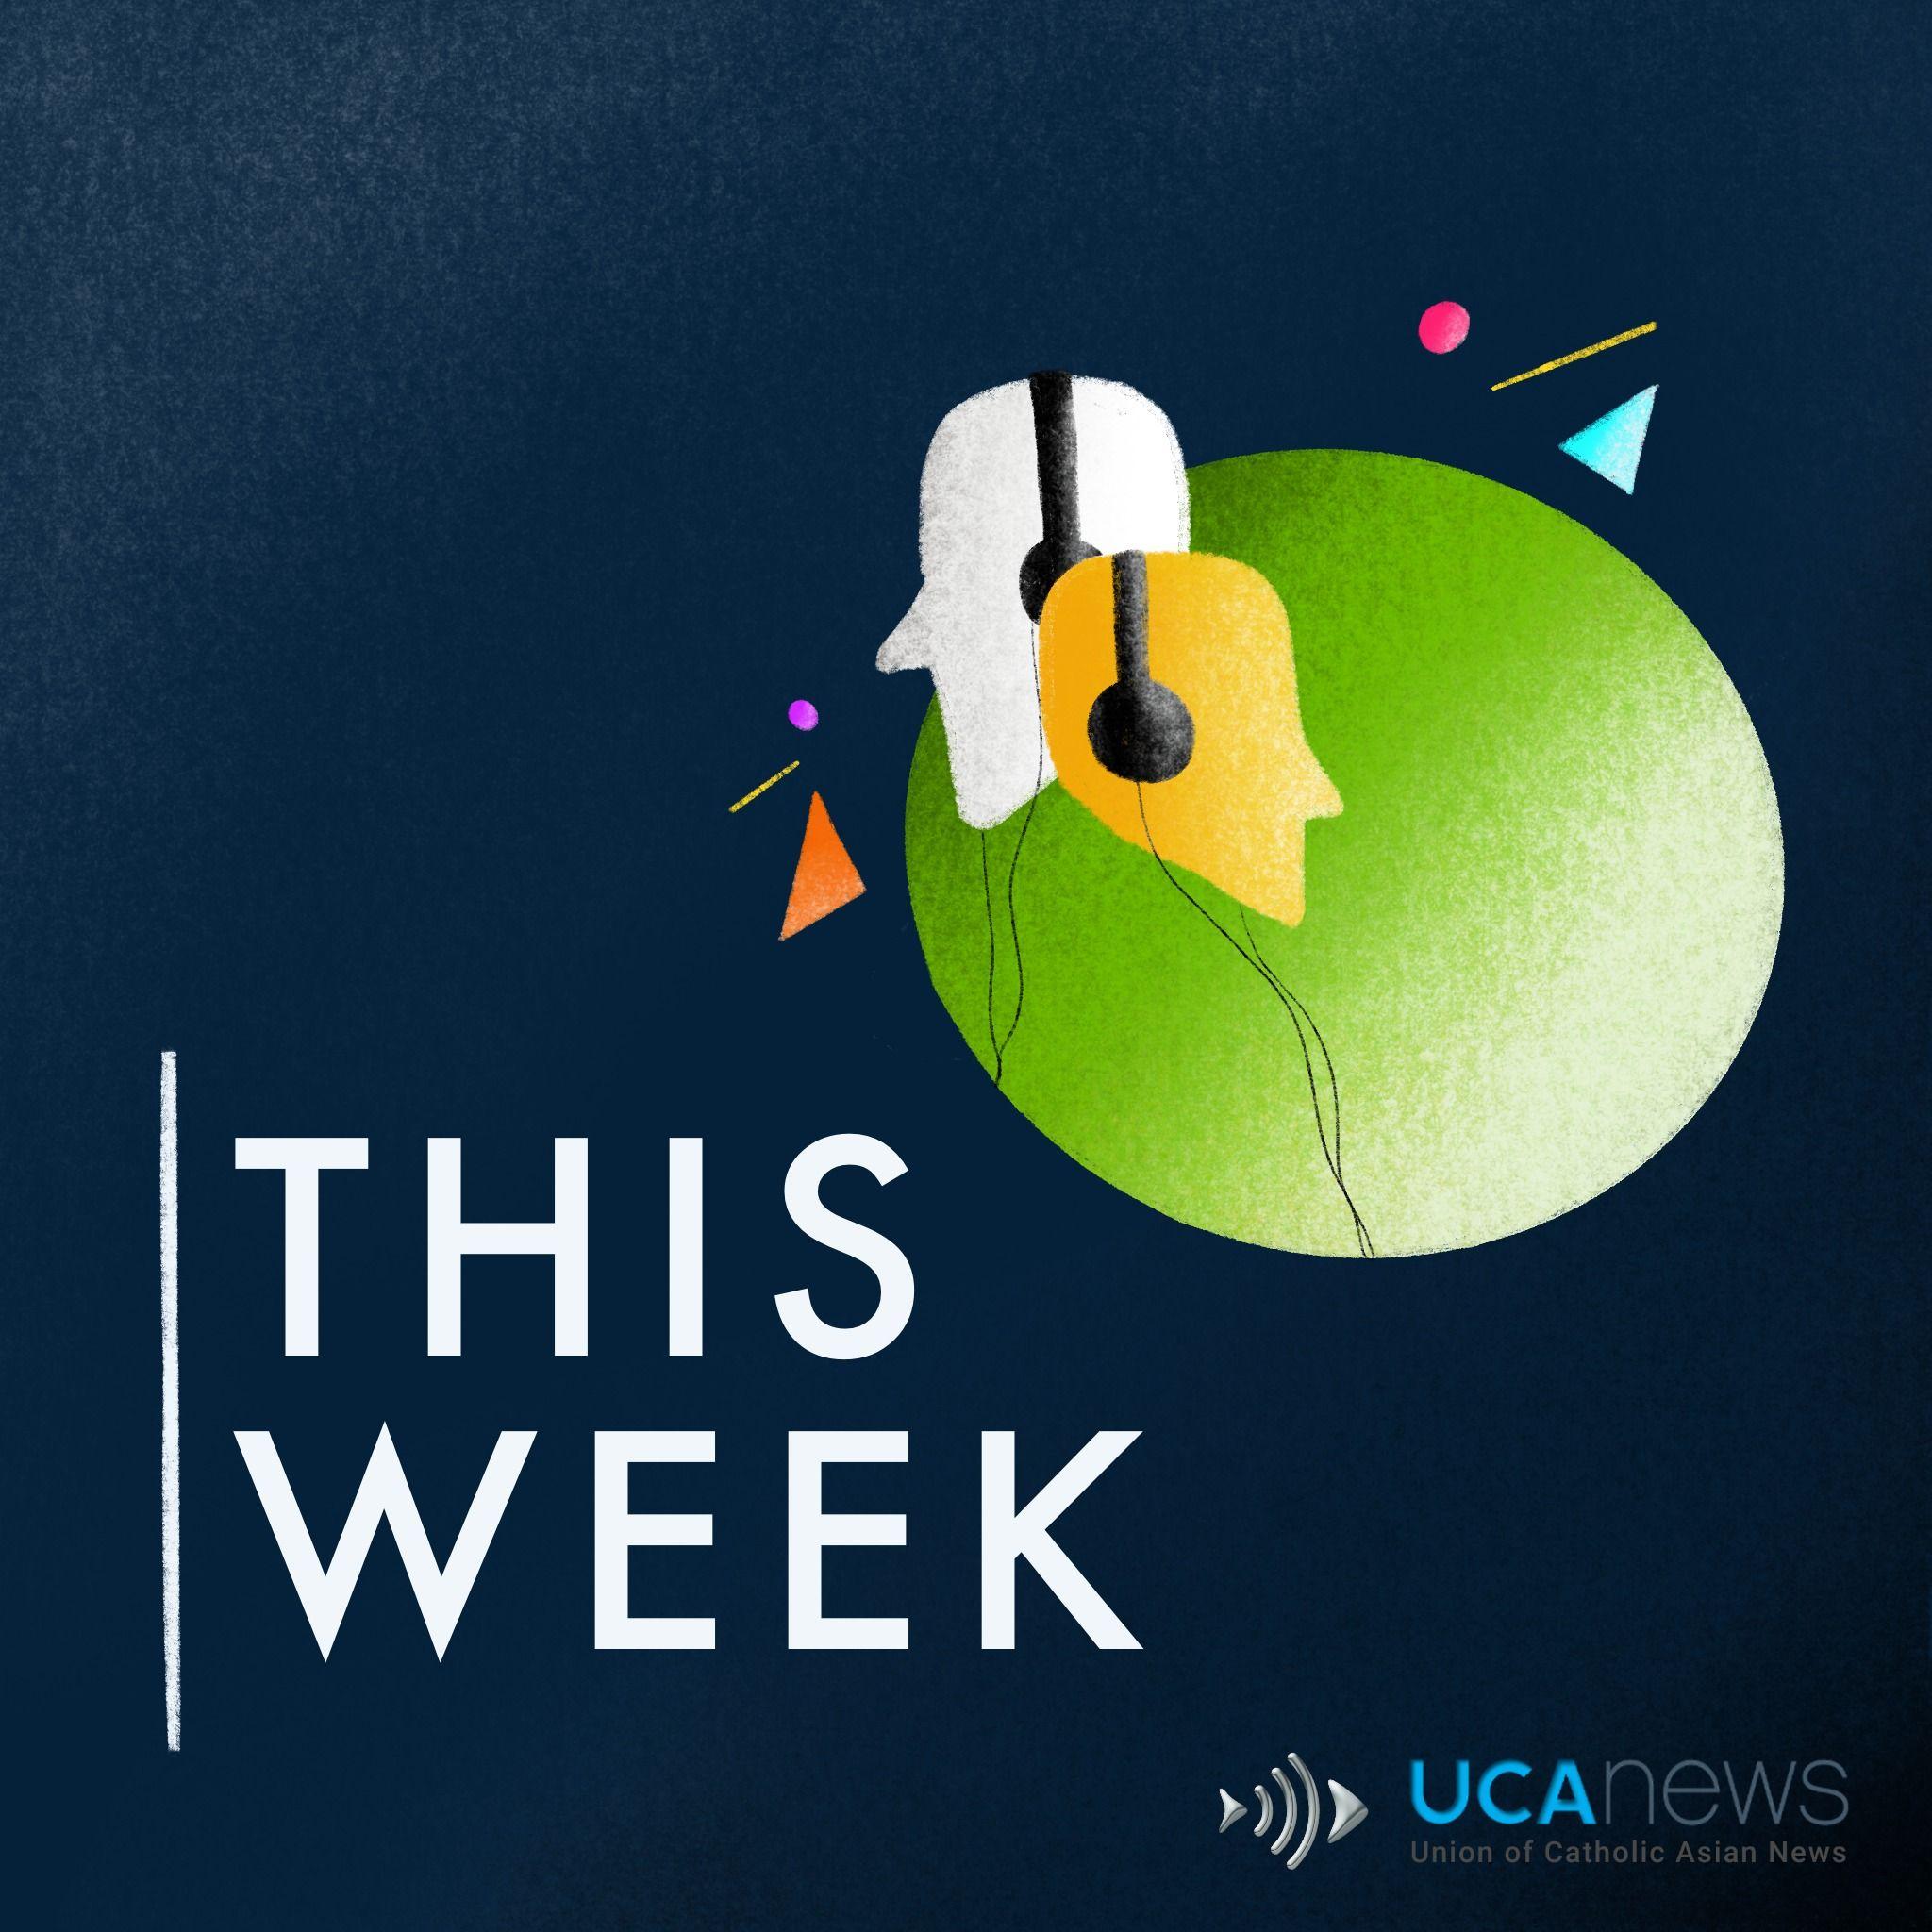 UCA News Weekly Summary, October 15, 2021